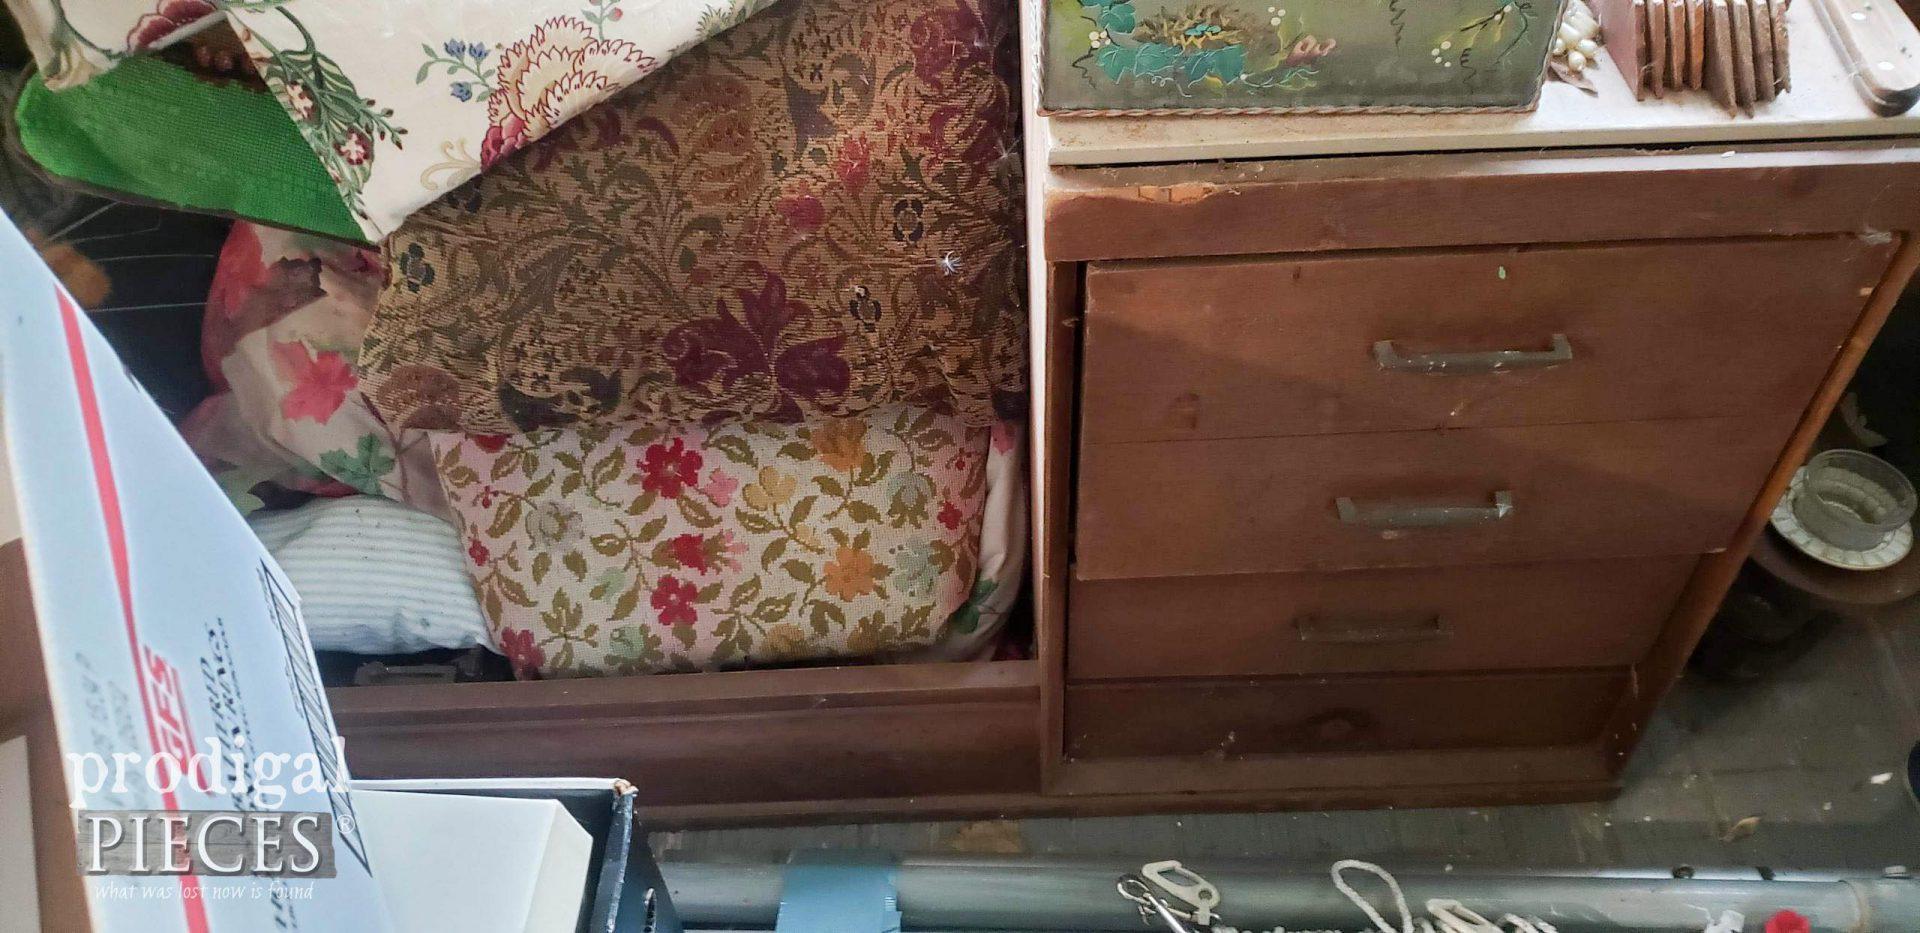 Upside Down Desk Before | prodigalpieces.com